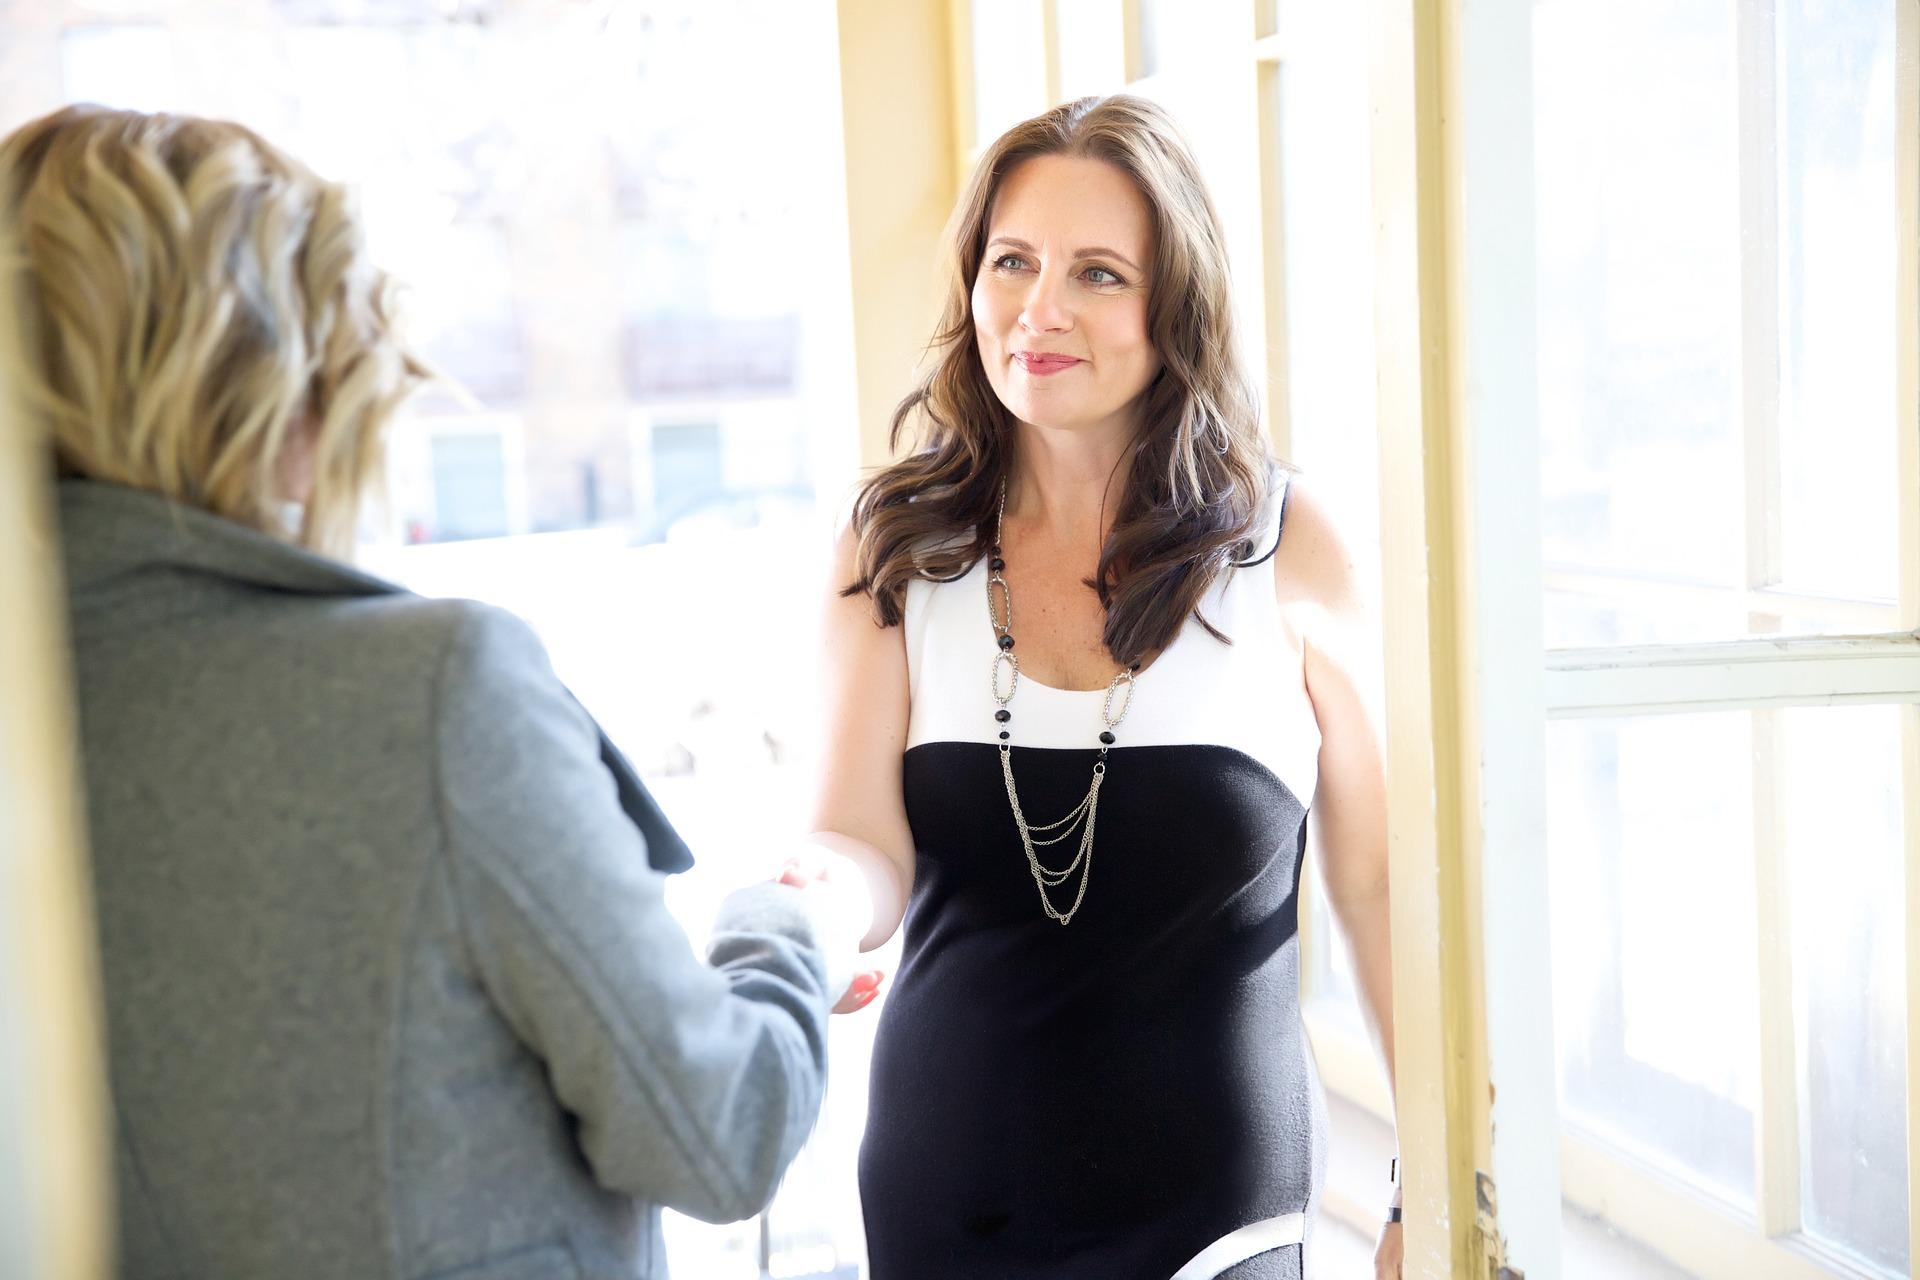 Un compte rendu d'entretien professionnel peut il faire office d'avertissement disciplinaire ?